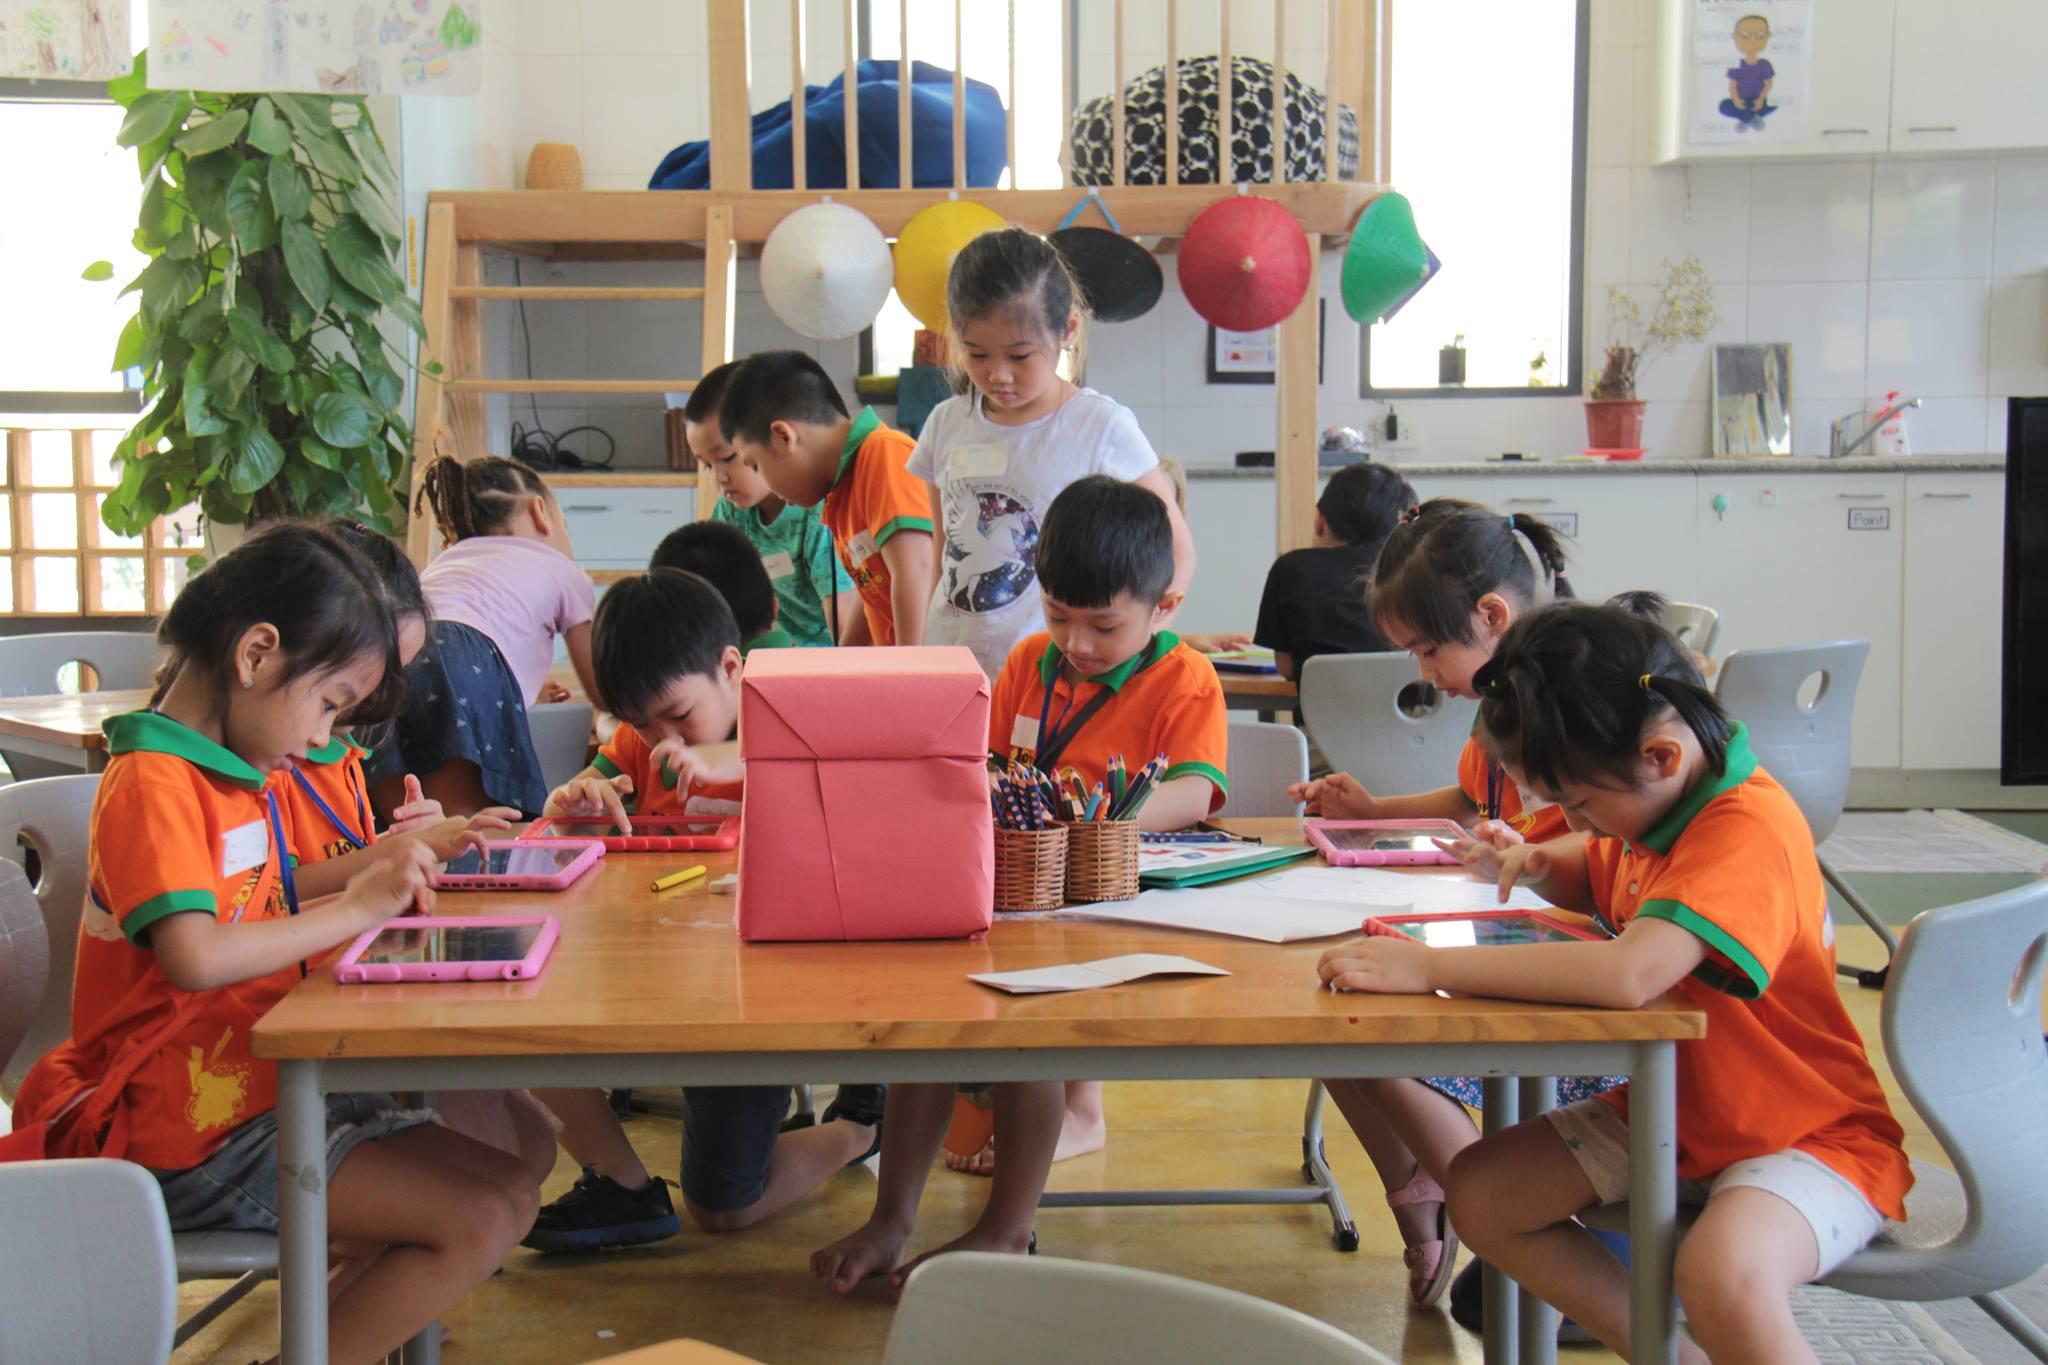 Trường mầm non Quốc tế Liên Hợp Quốc - United Nations International School ofHa Noi (UNIS Ha Noi) - G9 Ciputra